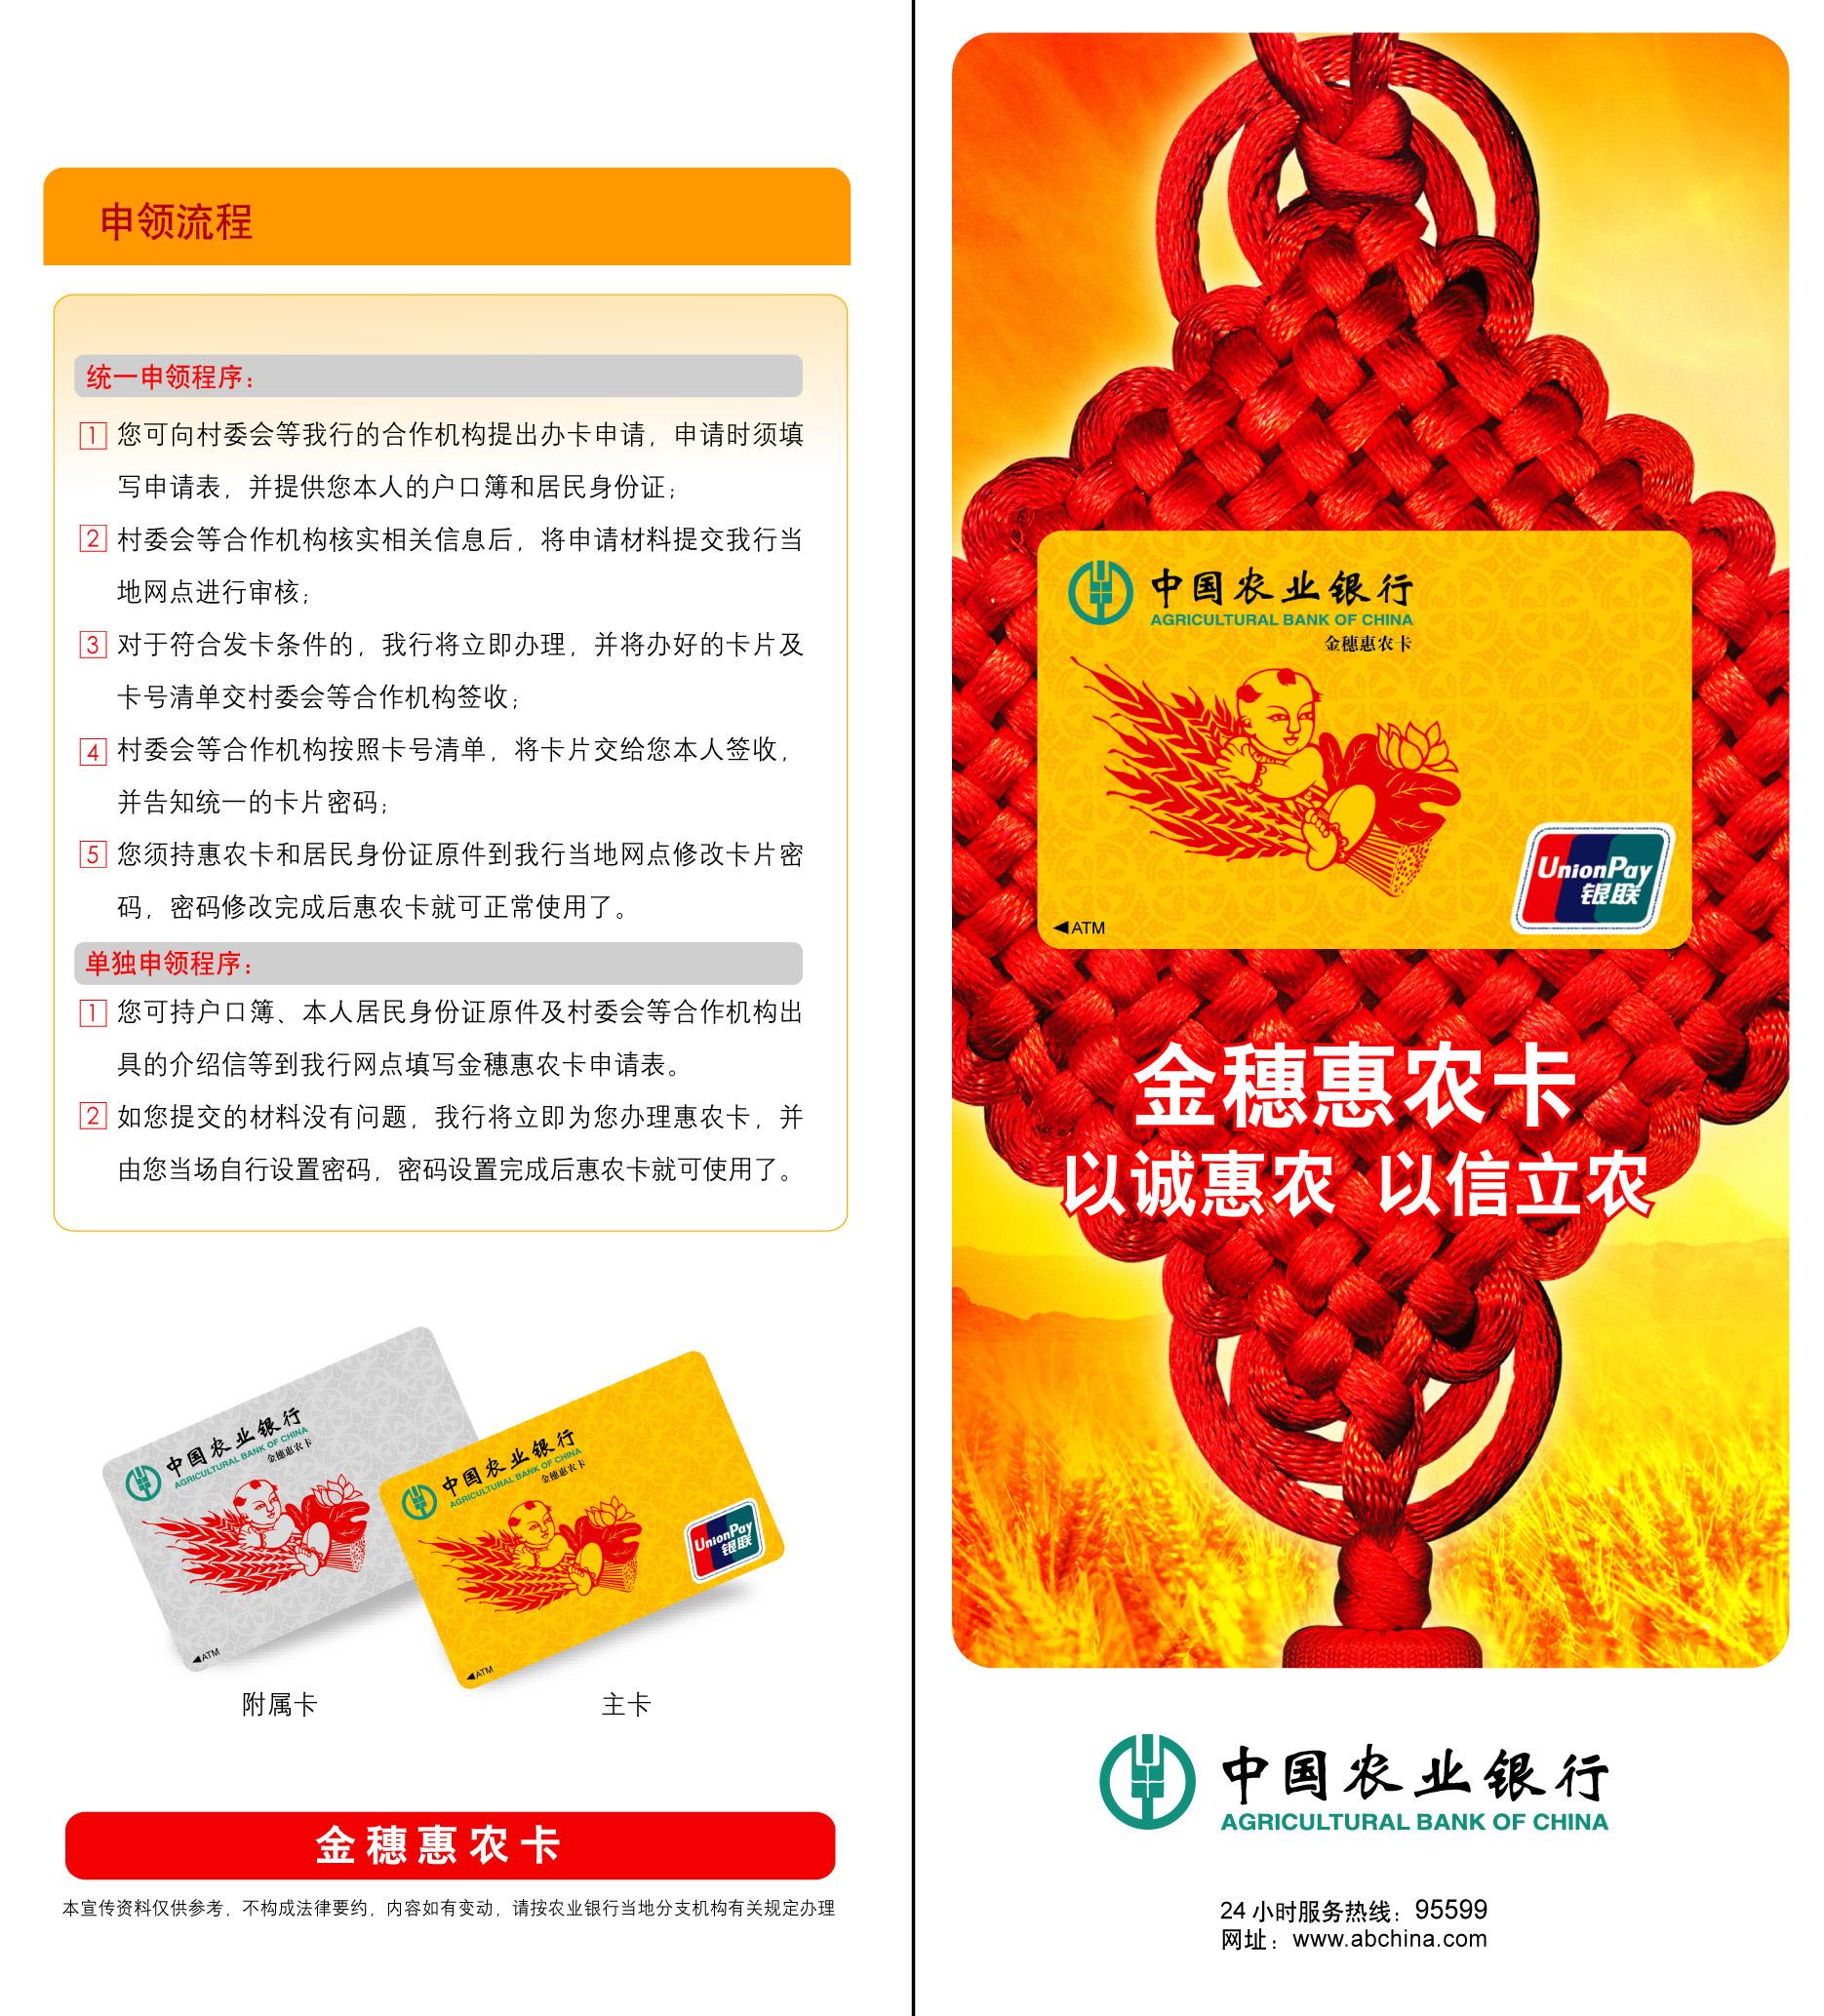 中国农业银行金穗卡_农行惠农卡